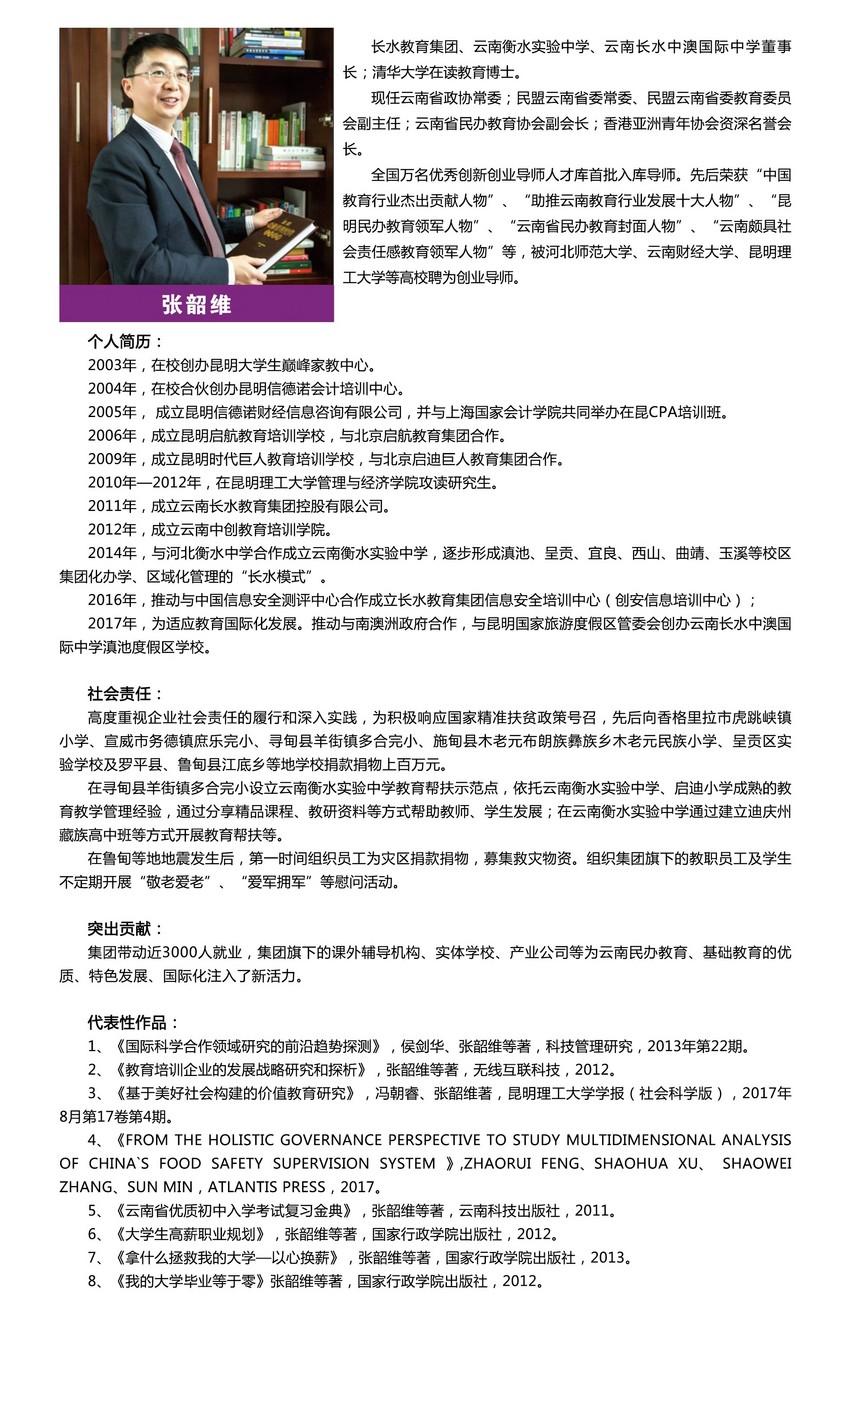 董事长简介(2018新).jpg